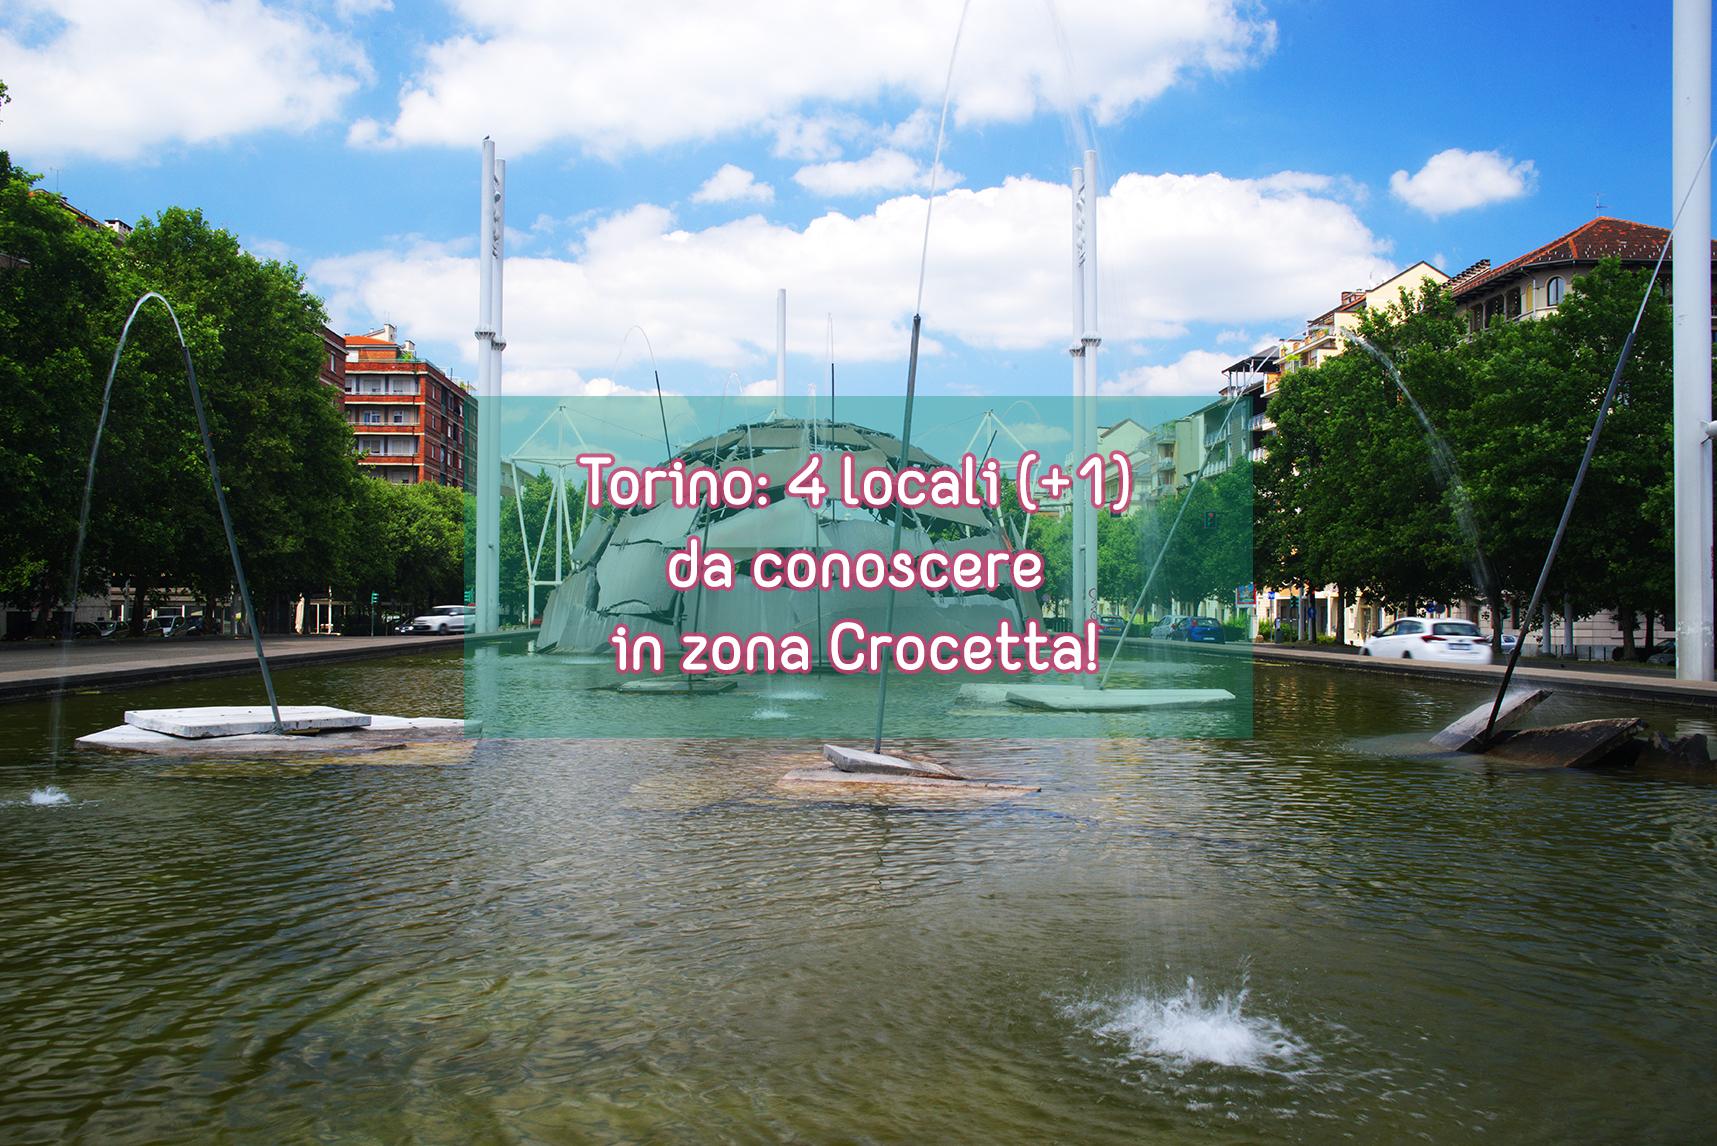 Torino: i 4 locali (+1) da conoscere in zona crocetta!